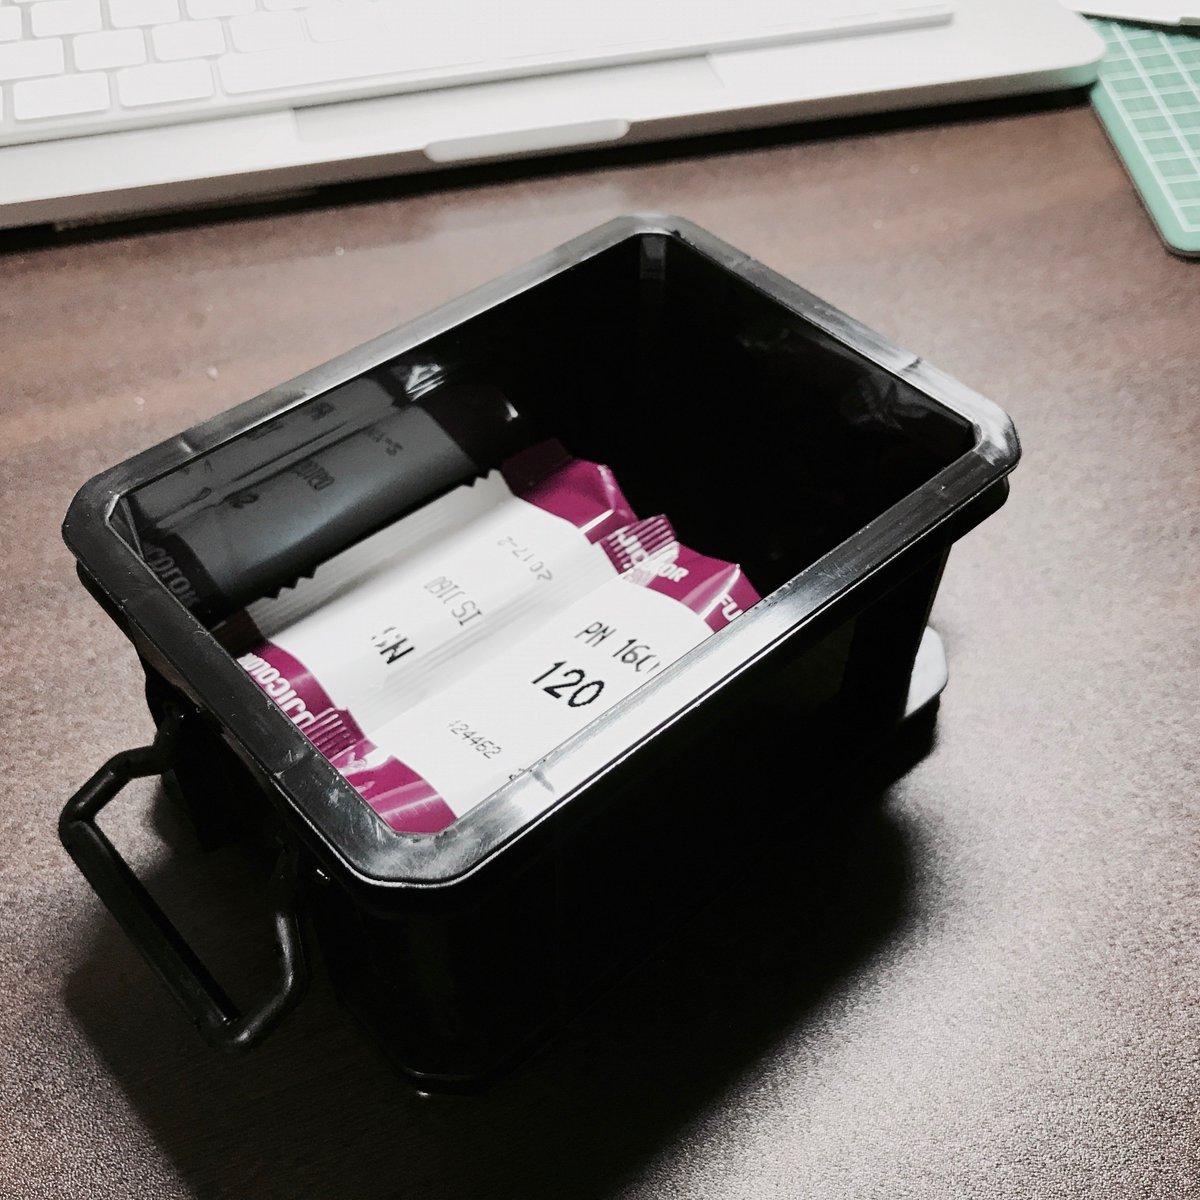 test ツイッターメディア - #セリア で買ったハードケースが, 120フイルムの持ち運びにいい感じ(詳細は僕のブログで).  #Seria #フイルム #フィルム #フィルムカメラ #中判 #ブローニー  https://t.co/tybJtATx2Y https://t.co/a0Kc7bVRDK